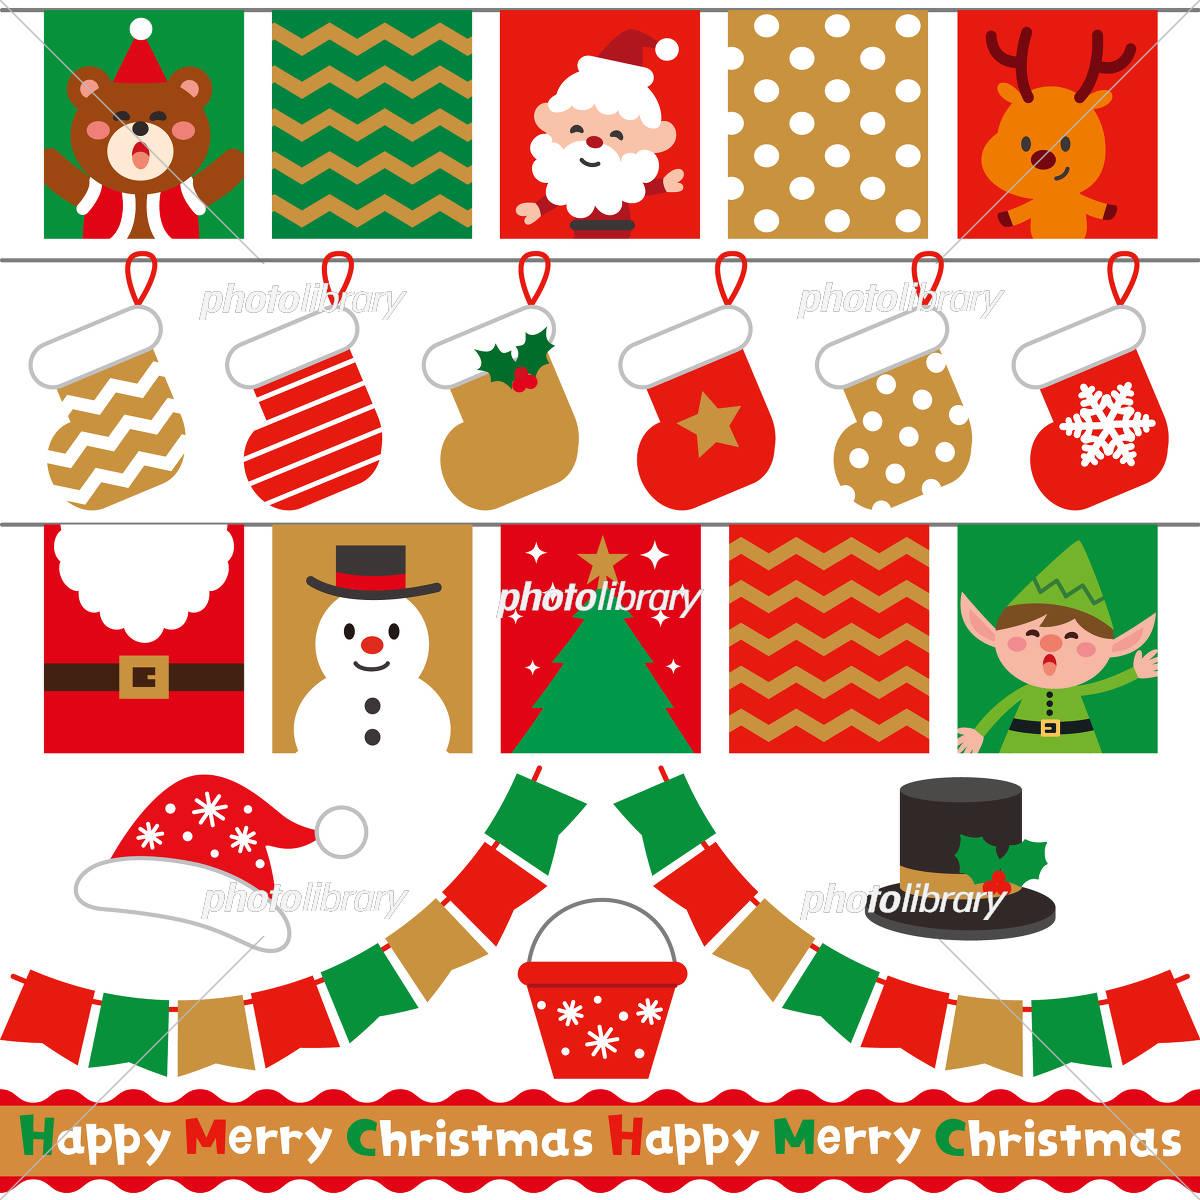 かわいいクリスマスの旗や飾り素材 イラスト素材 フォトライブラリー Photolibrary